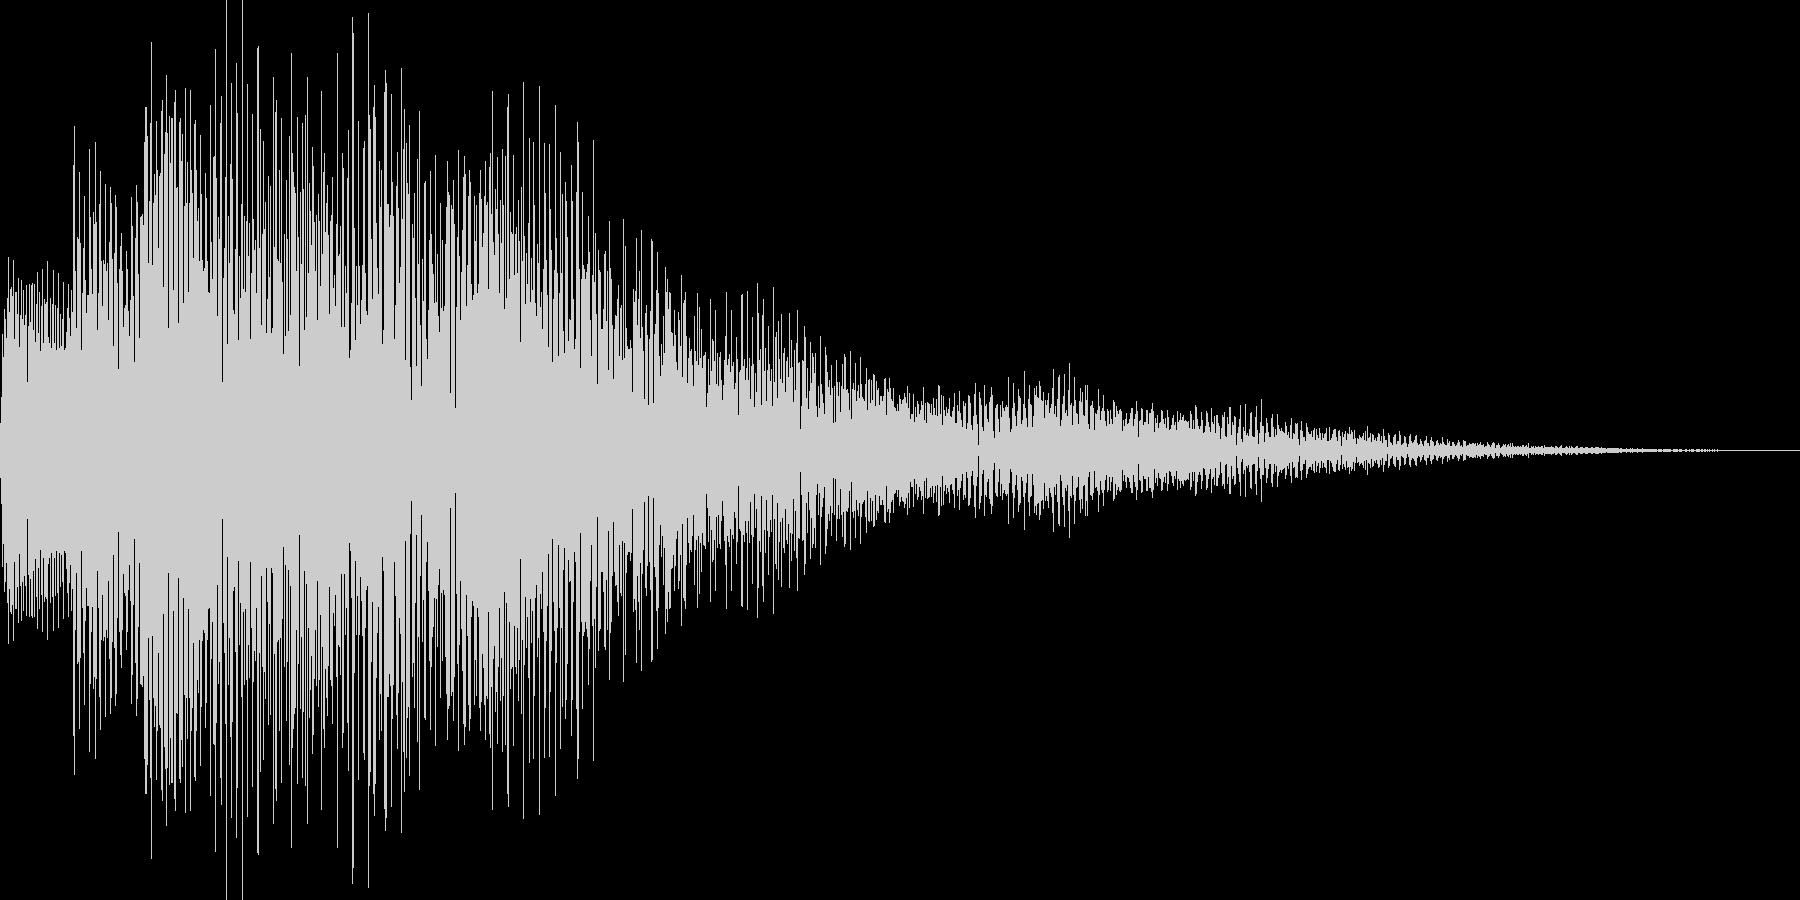 キラーン(エレガント 登場 決定 開始)の未再生の波形